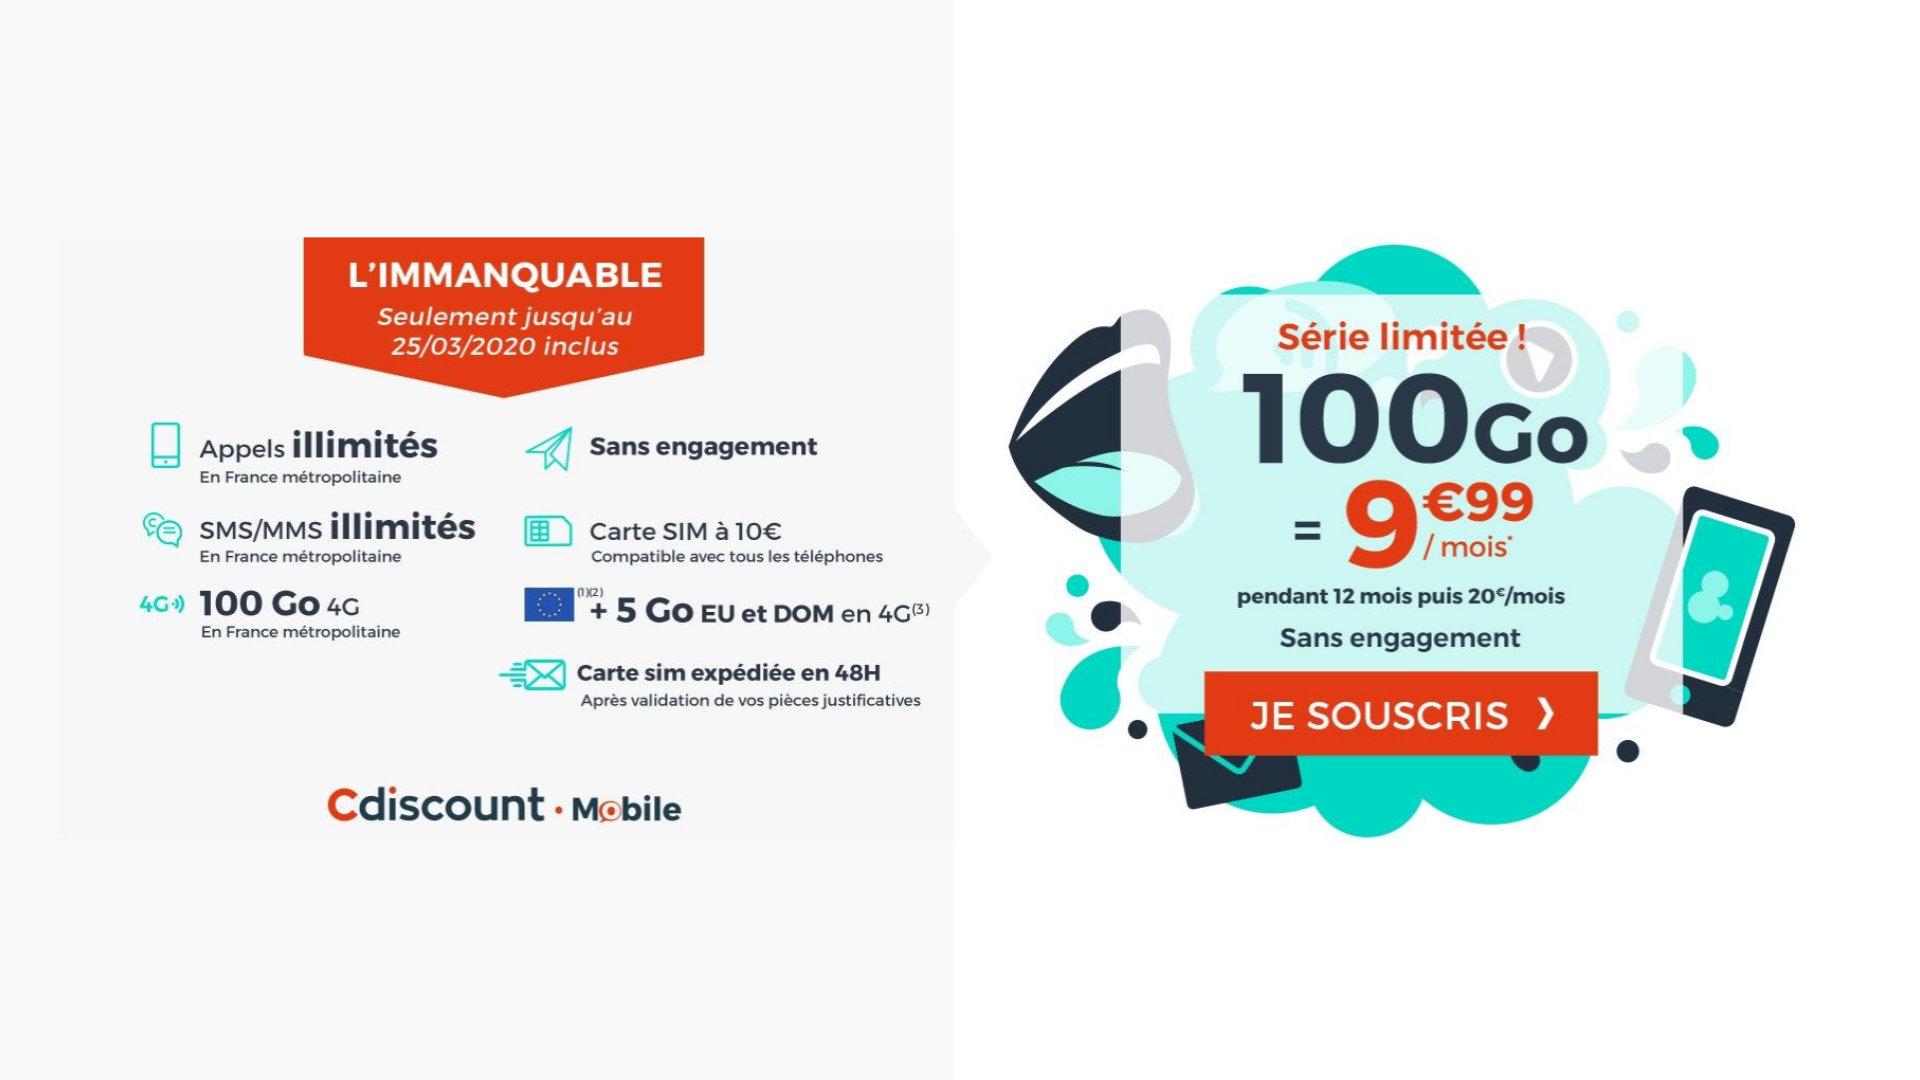 Un forfait mobile 100 Go à 9,99euros pour ne pas tomber en panne sèche dans les prochaines semaines